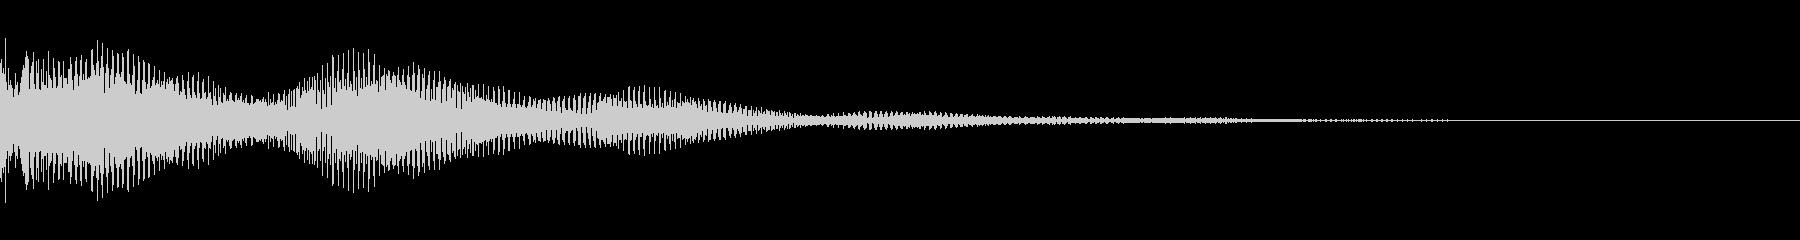 ピコーン(アイテムをゲット)の未再生の波形